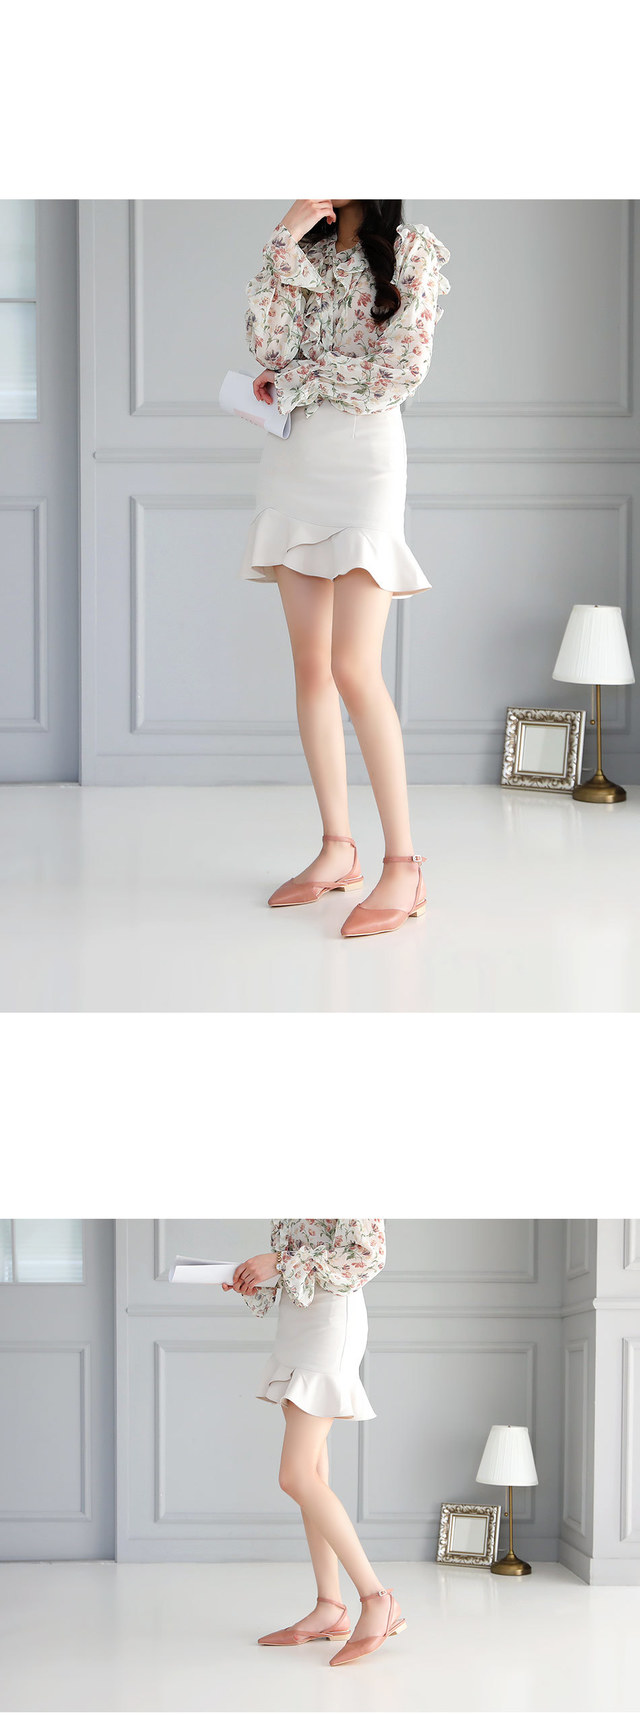 Teloni strap flat shoes 1.5cm